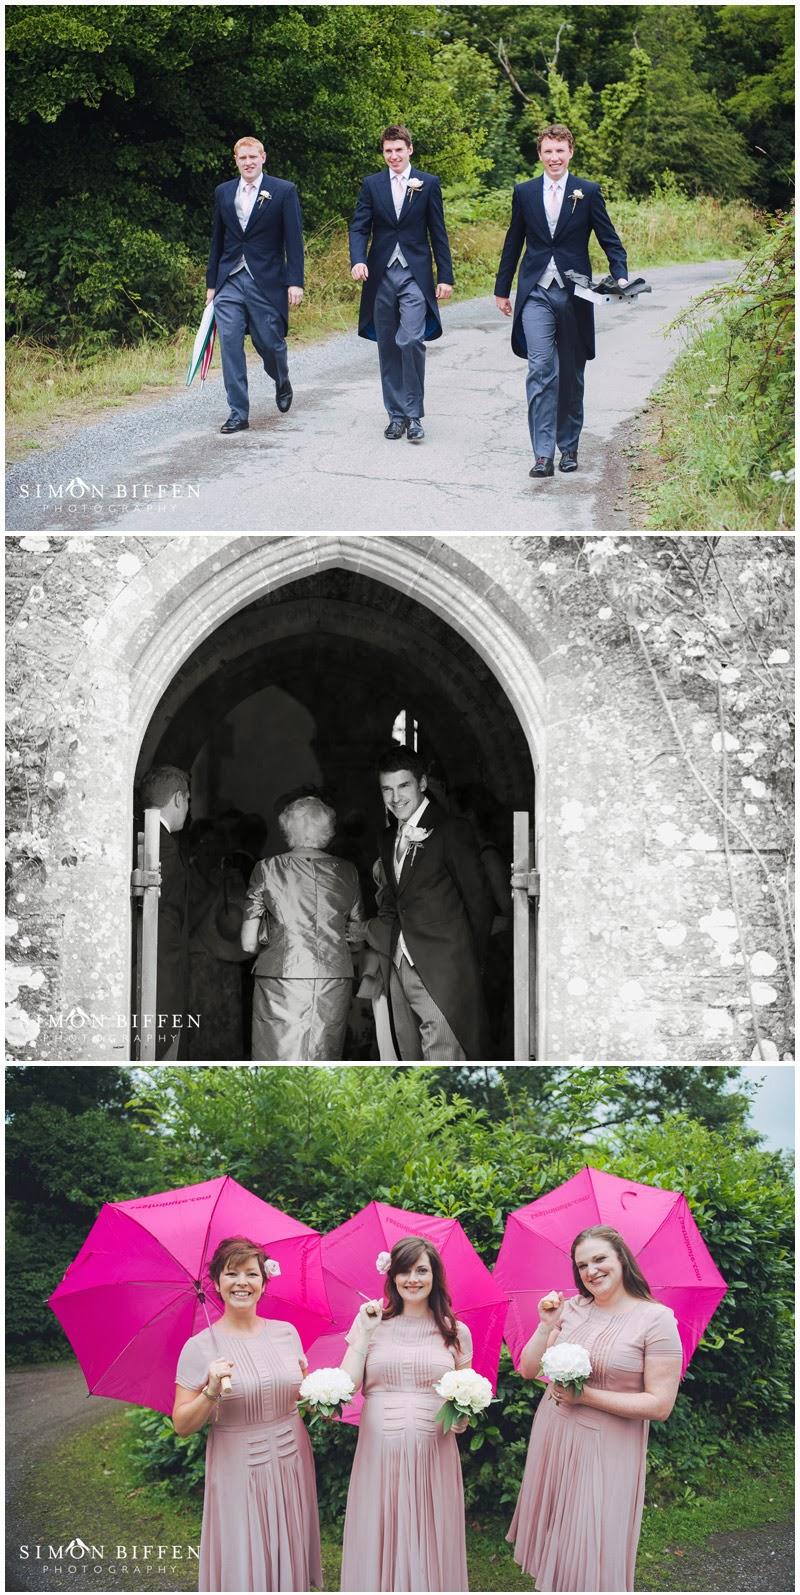 Huntsham Court wedding preparations